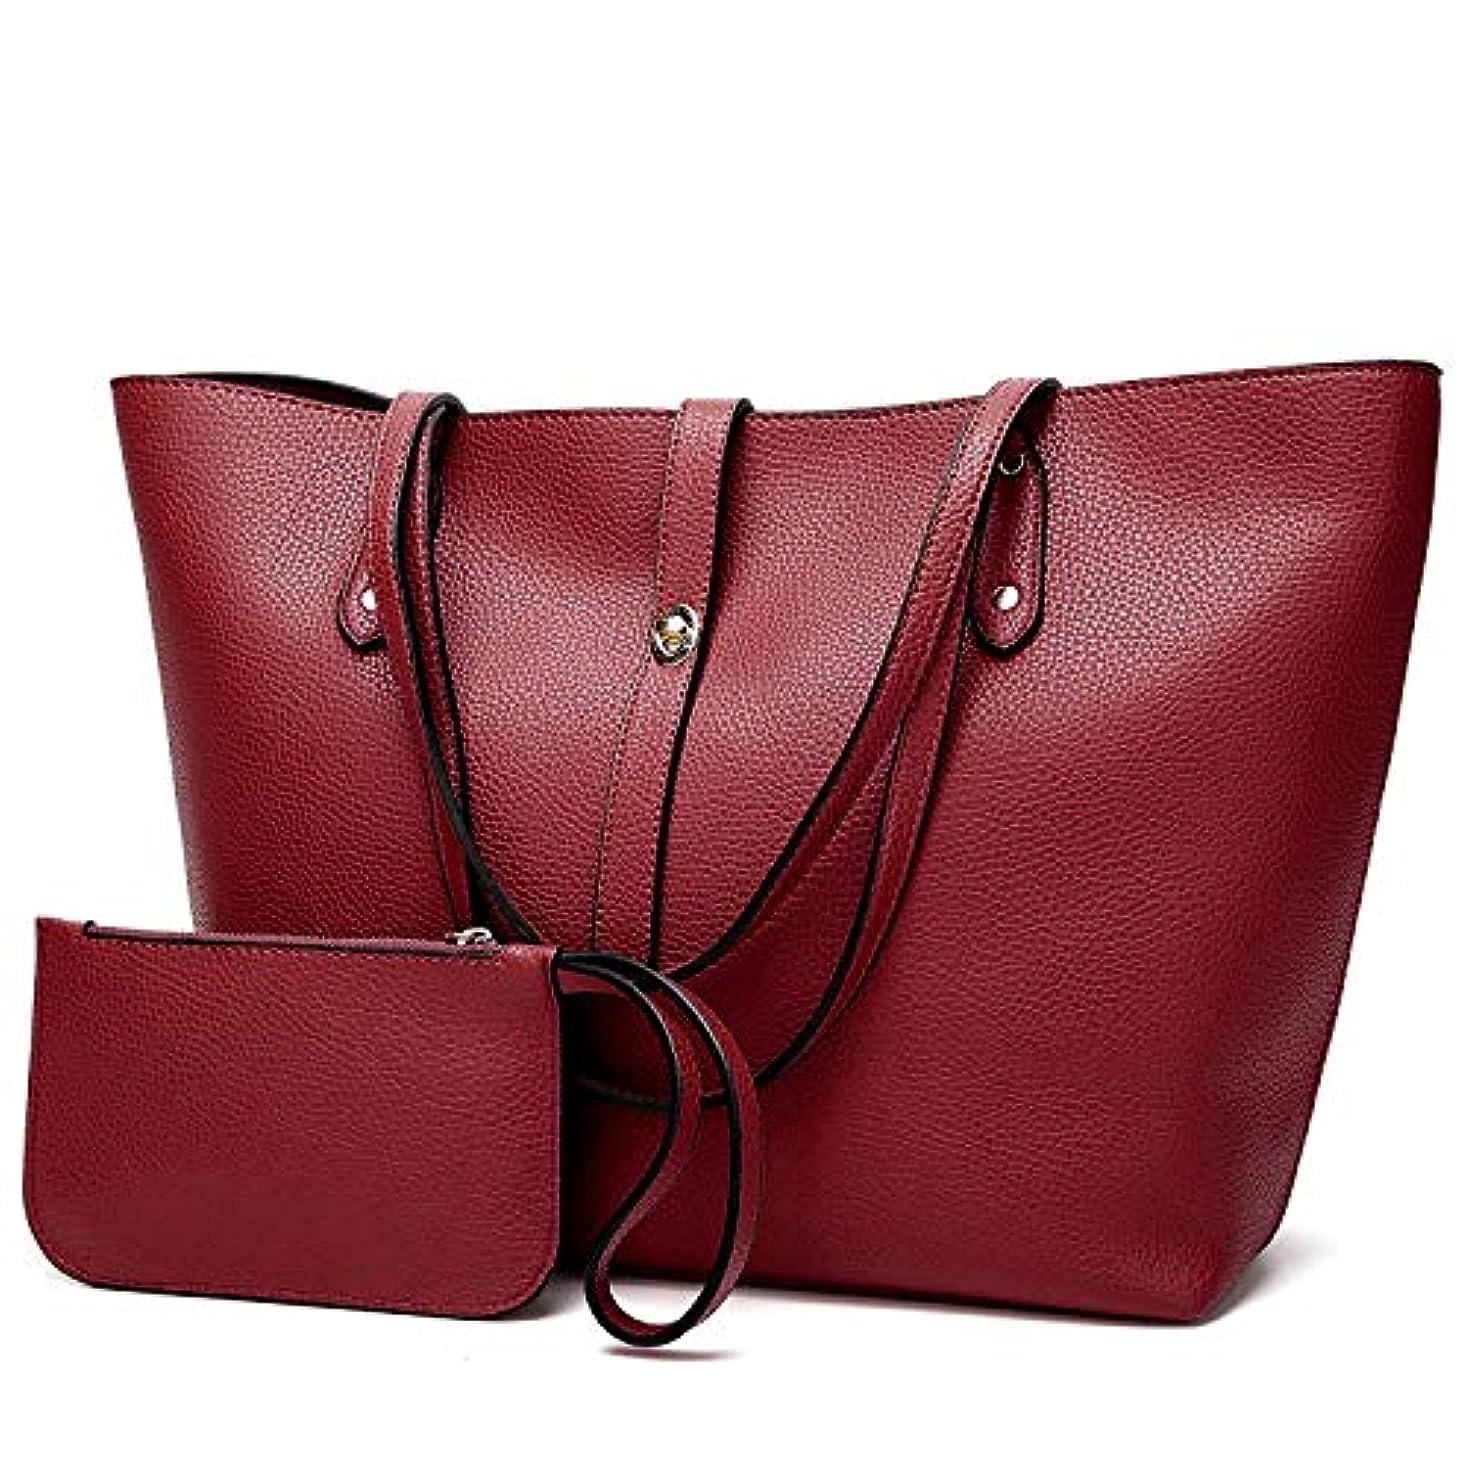 相互運動別に[TcIFE] ハンドバッグ レディース トートバッグ 大容量 無地 ショルダーバッグ 2way 財布とハンドバッグ